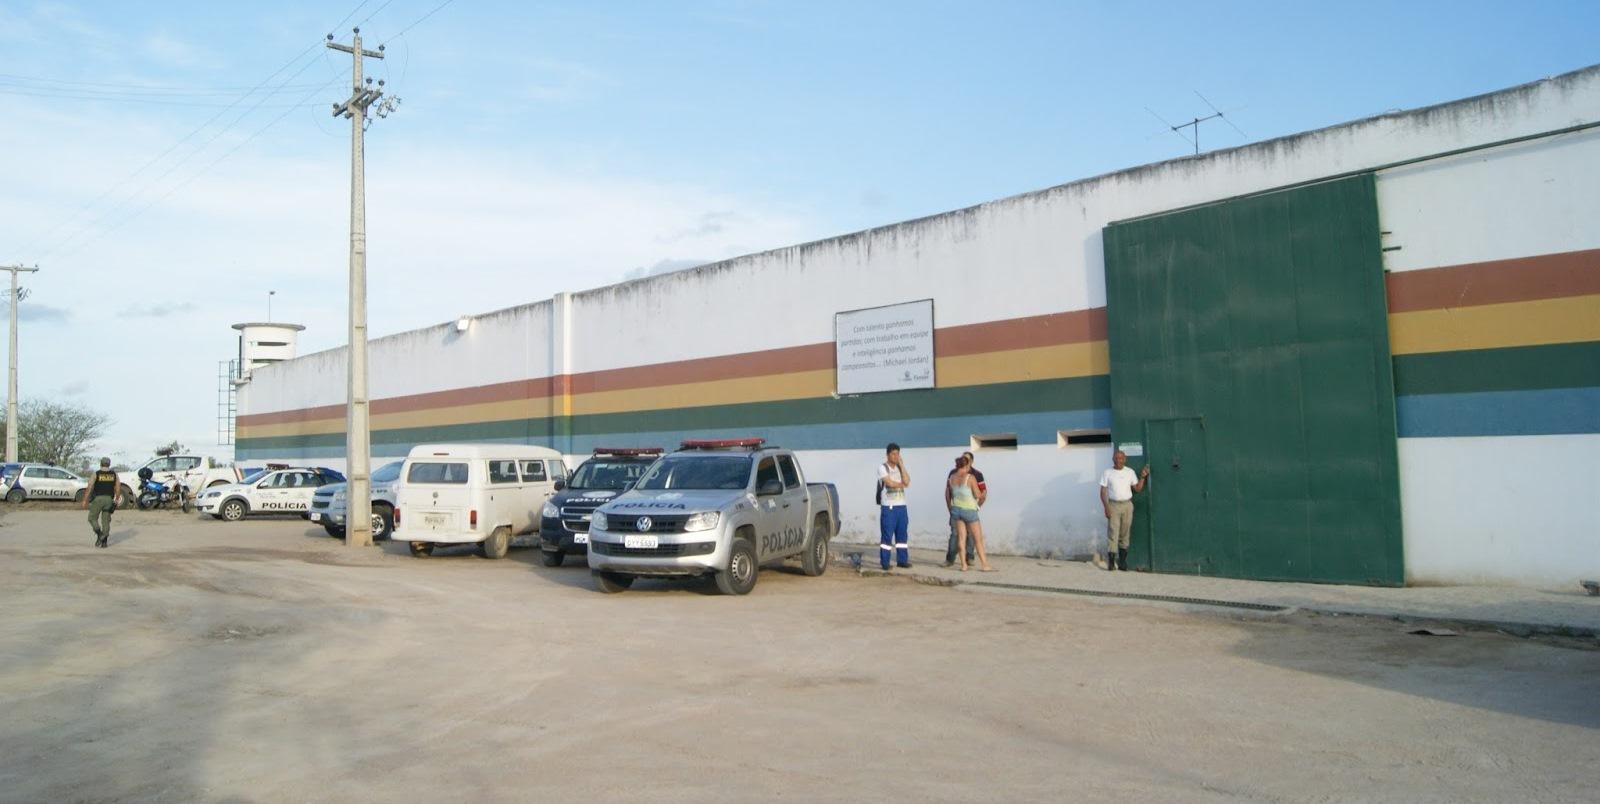 Somente nesse domingo, sete jovens morreram na unidade de Caruaru. Foto: Funase/Divulgação